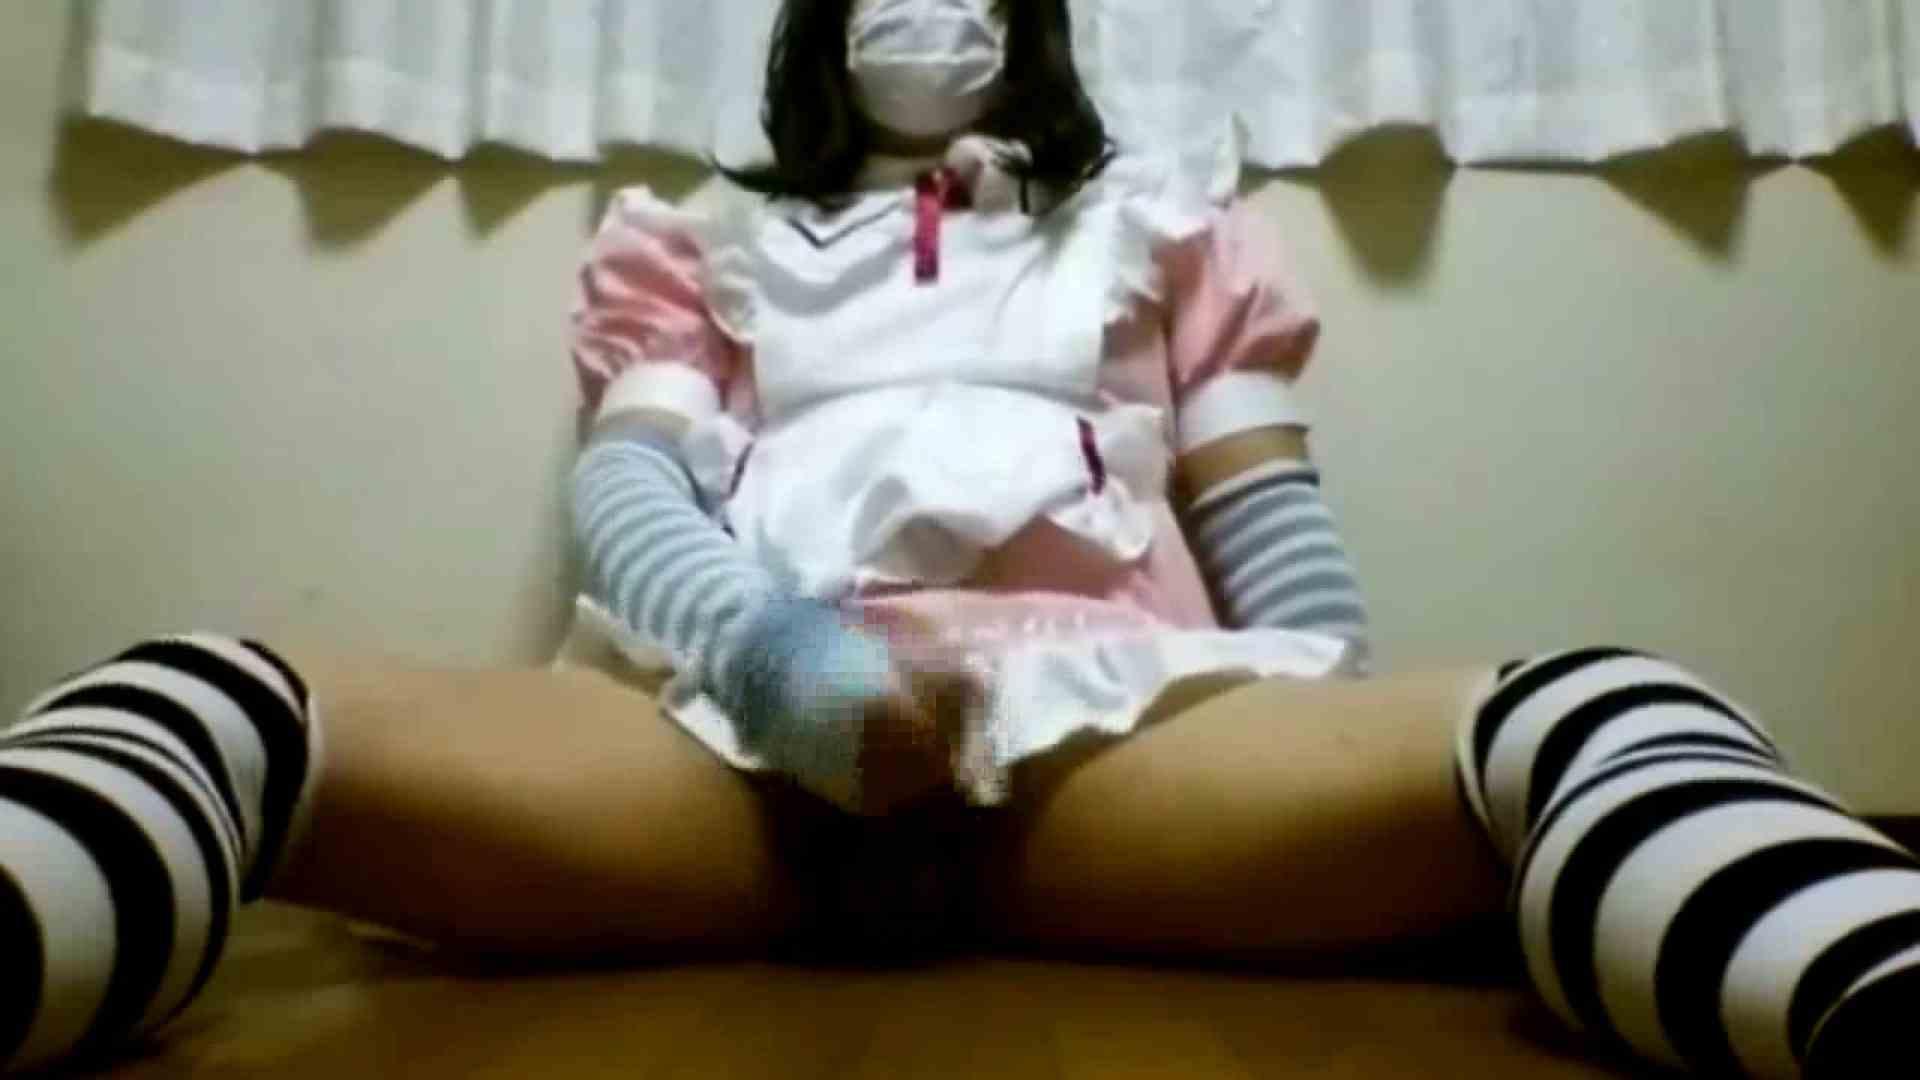 男のKOスプレー!Vol.10 オナニー アダルトビデオ画像キャプチャ 73pic 48